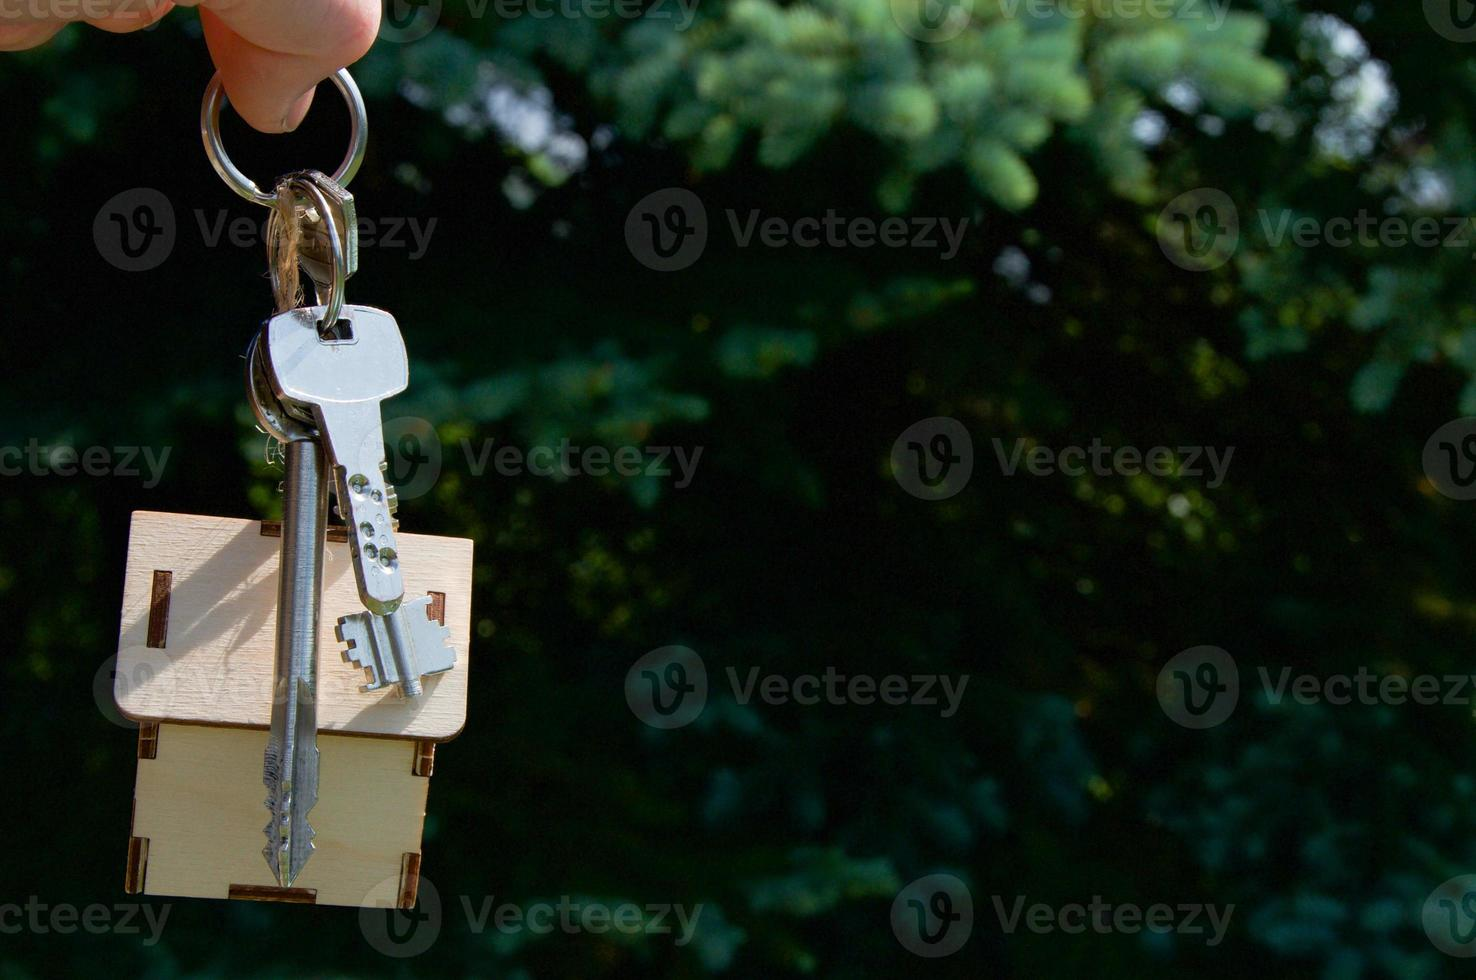 casa de llaves sobre fondo verde casa de alquiler foto